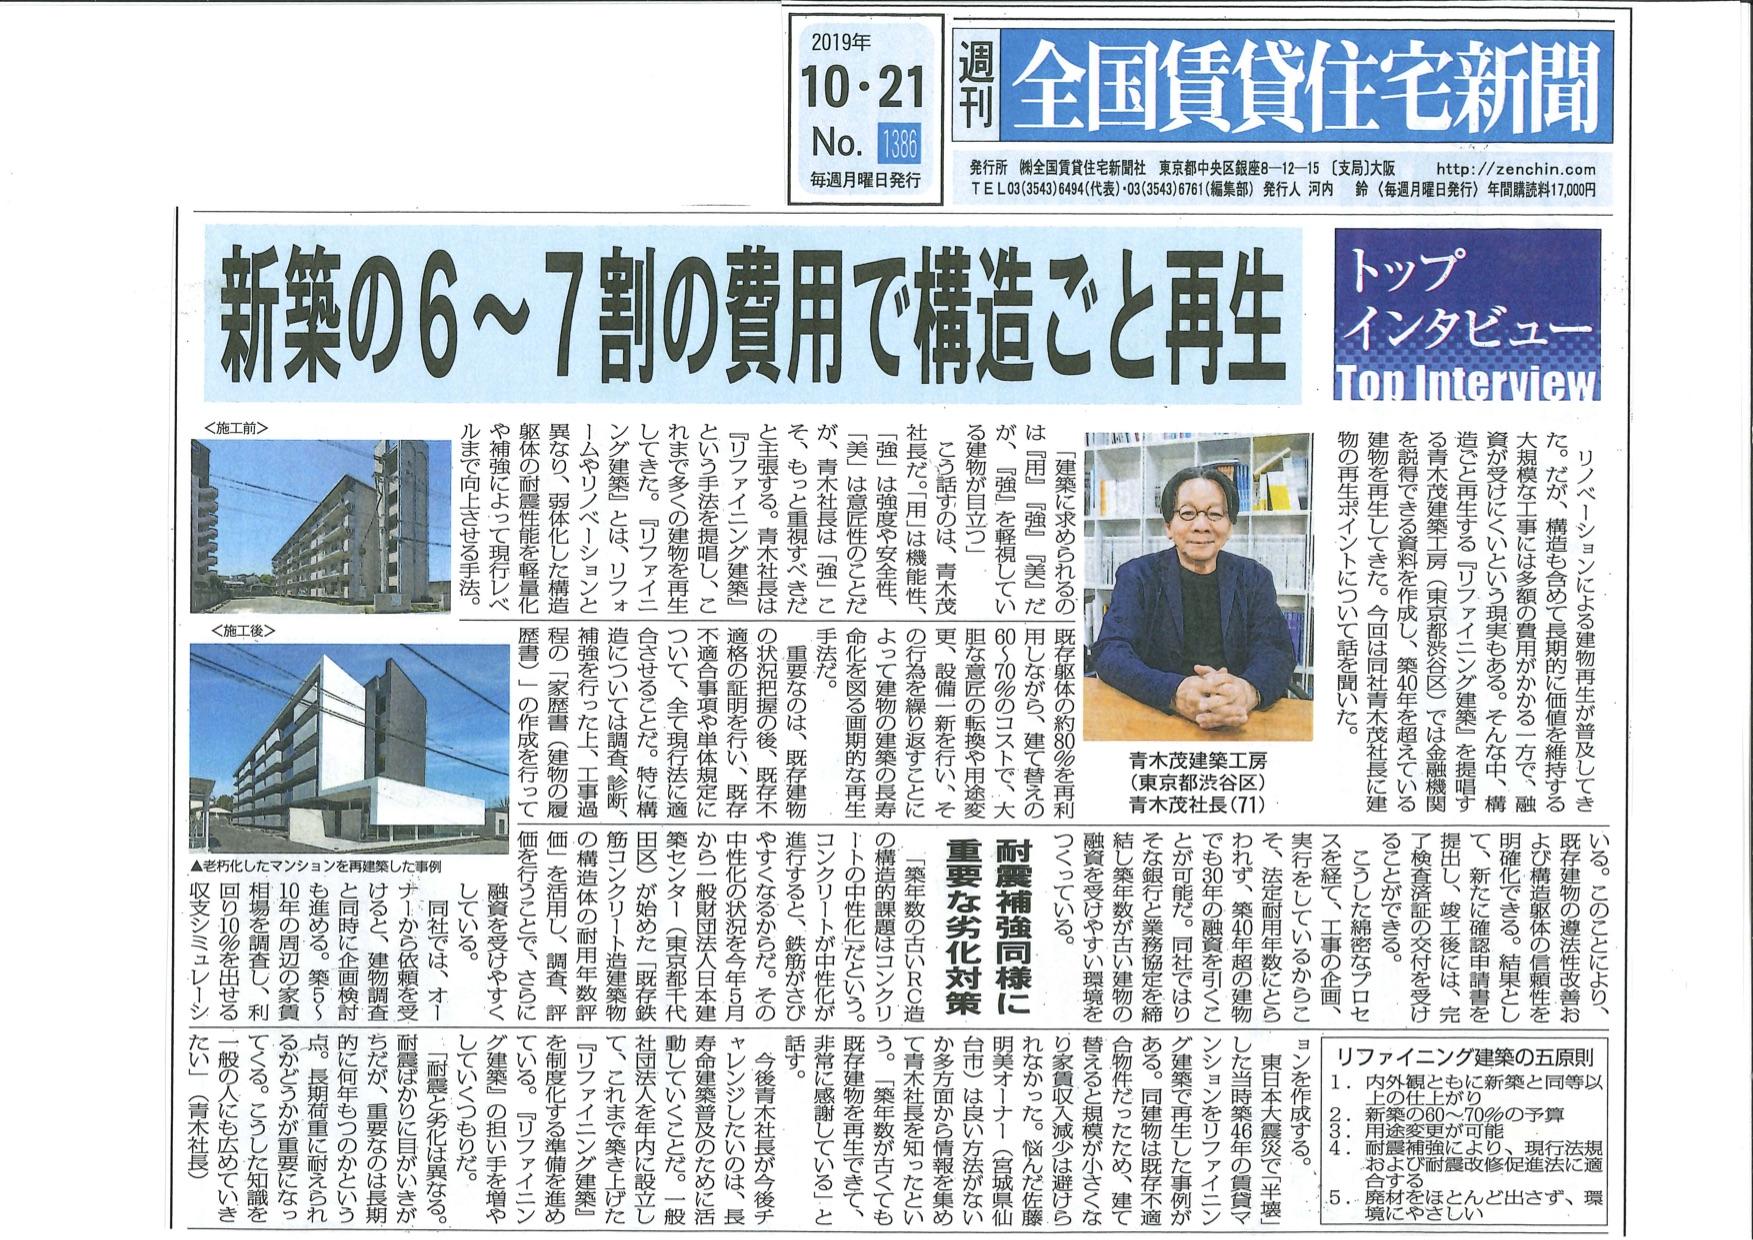 http://aokou.jp/news/images/1021%E5%85%A8%E5%9B%BD%E8%B3%83%E8%B2%B8%E4%BD%8F%E5%AE%85%E6%96%B0%E8%81%9E.jpg